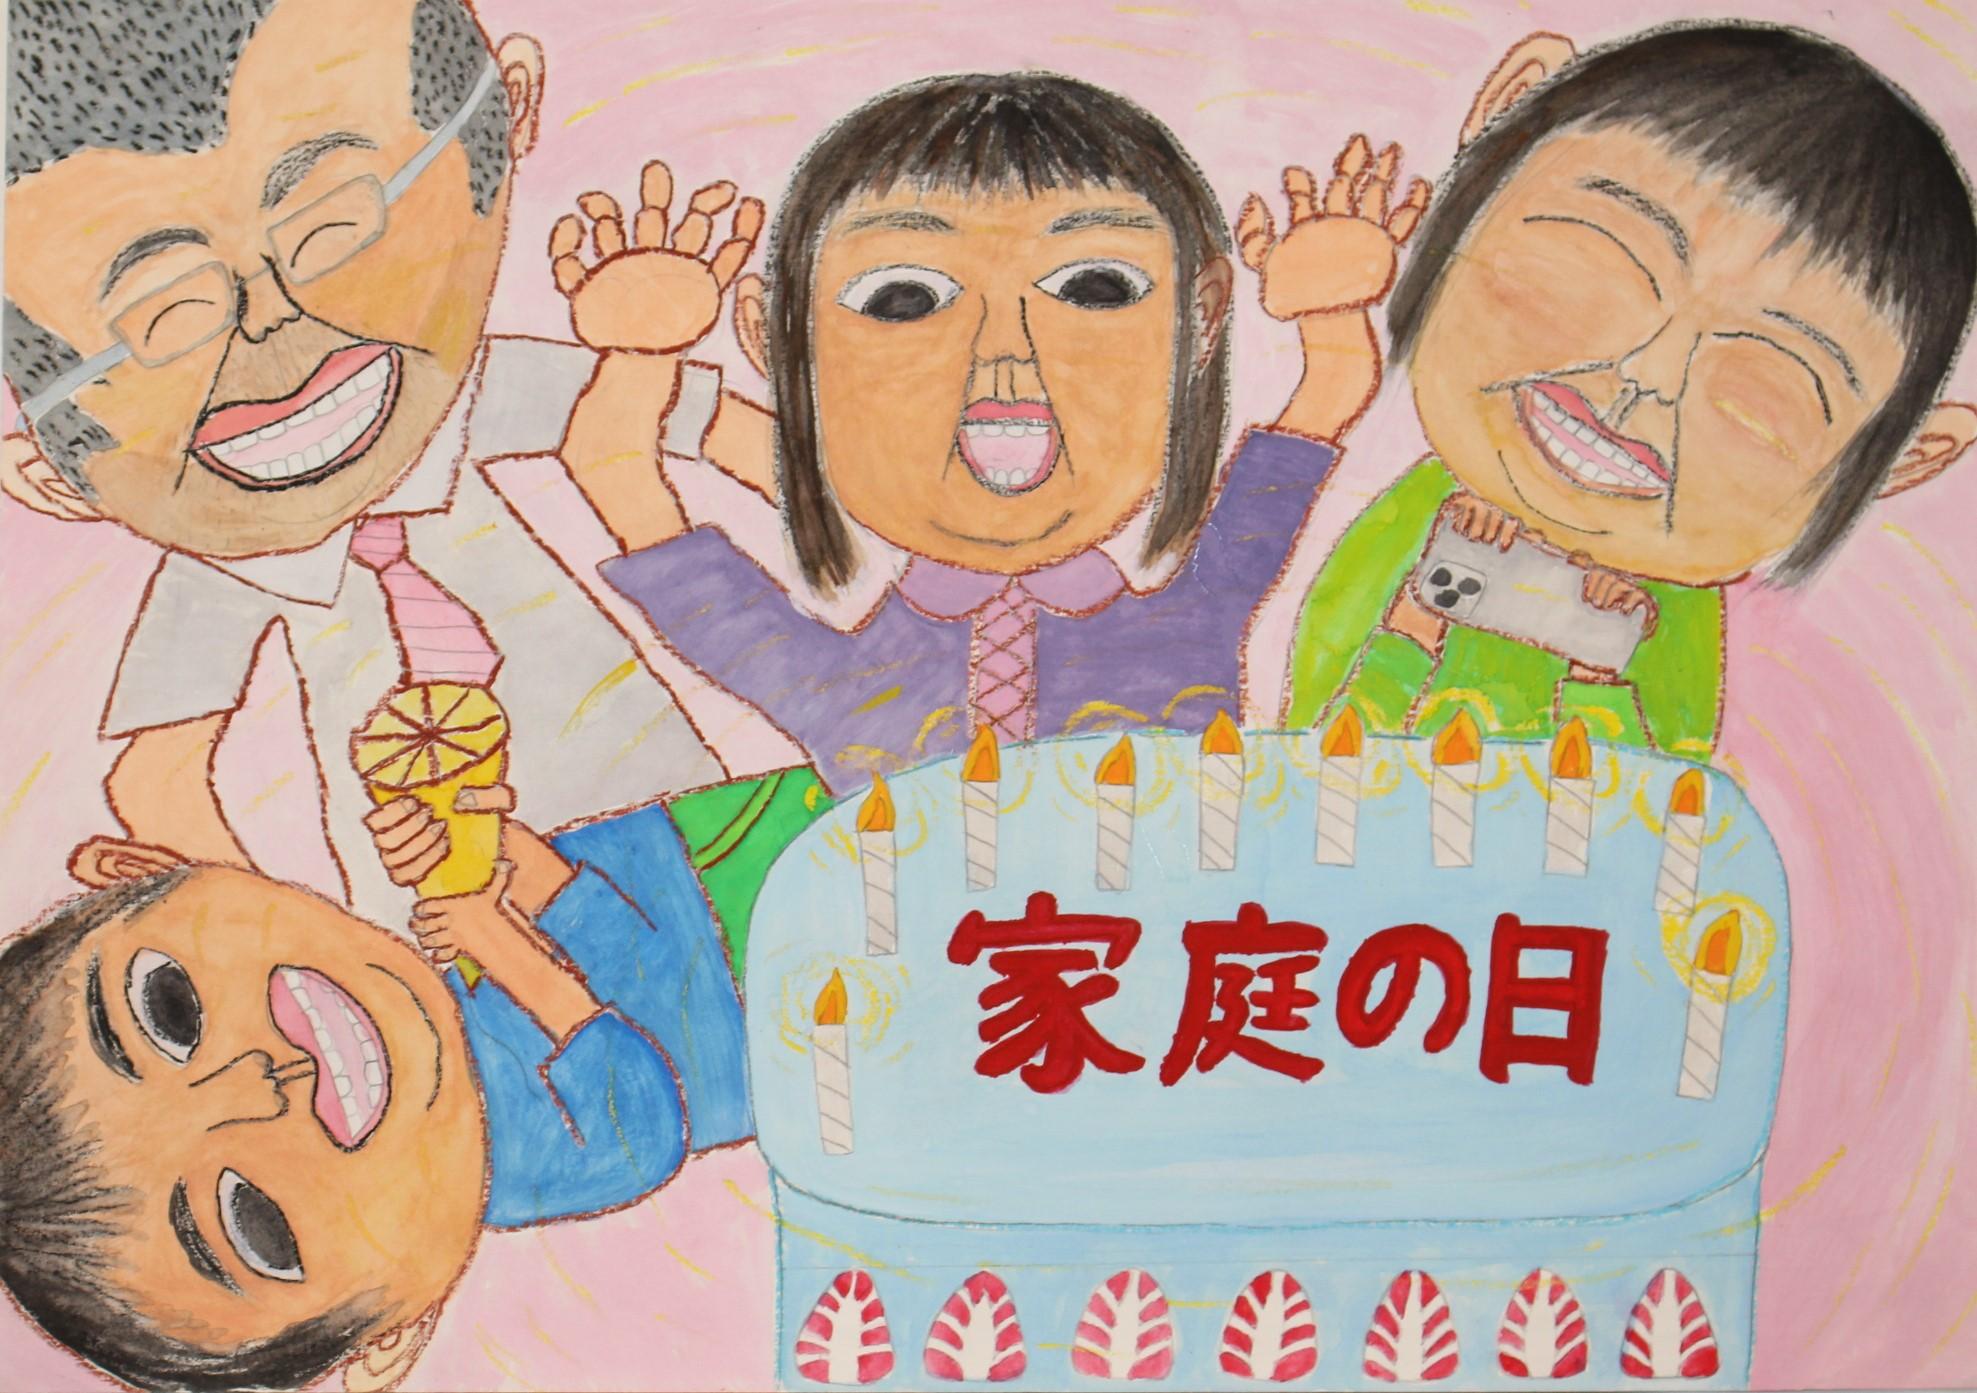 優良賞 宮崎市立生目台西小学校 5年 恵利 つぼみ(えり つぼみ)さん